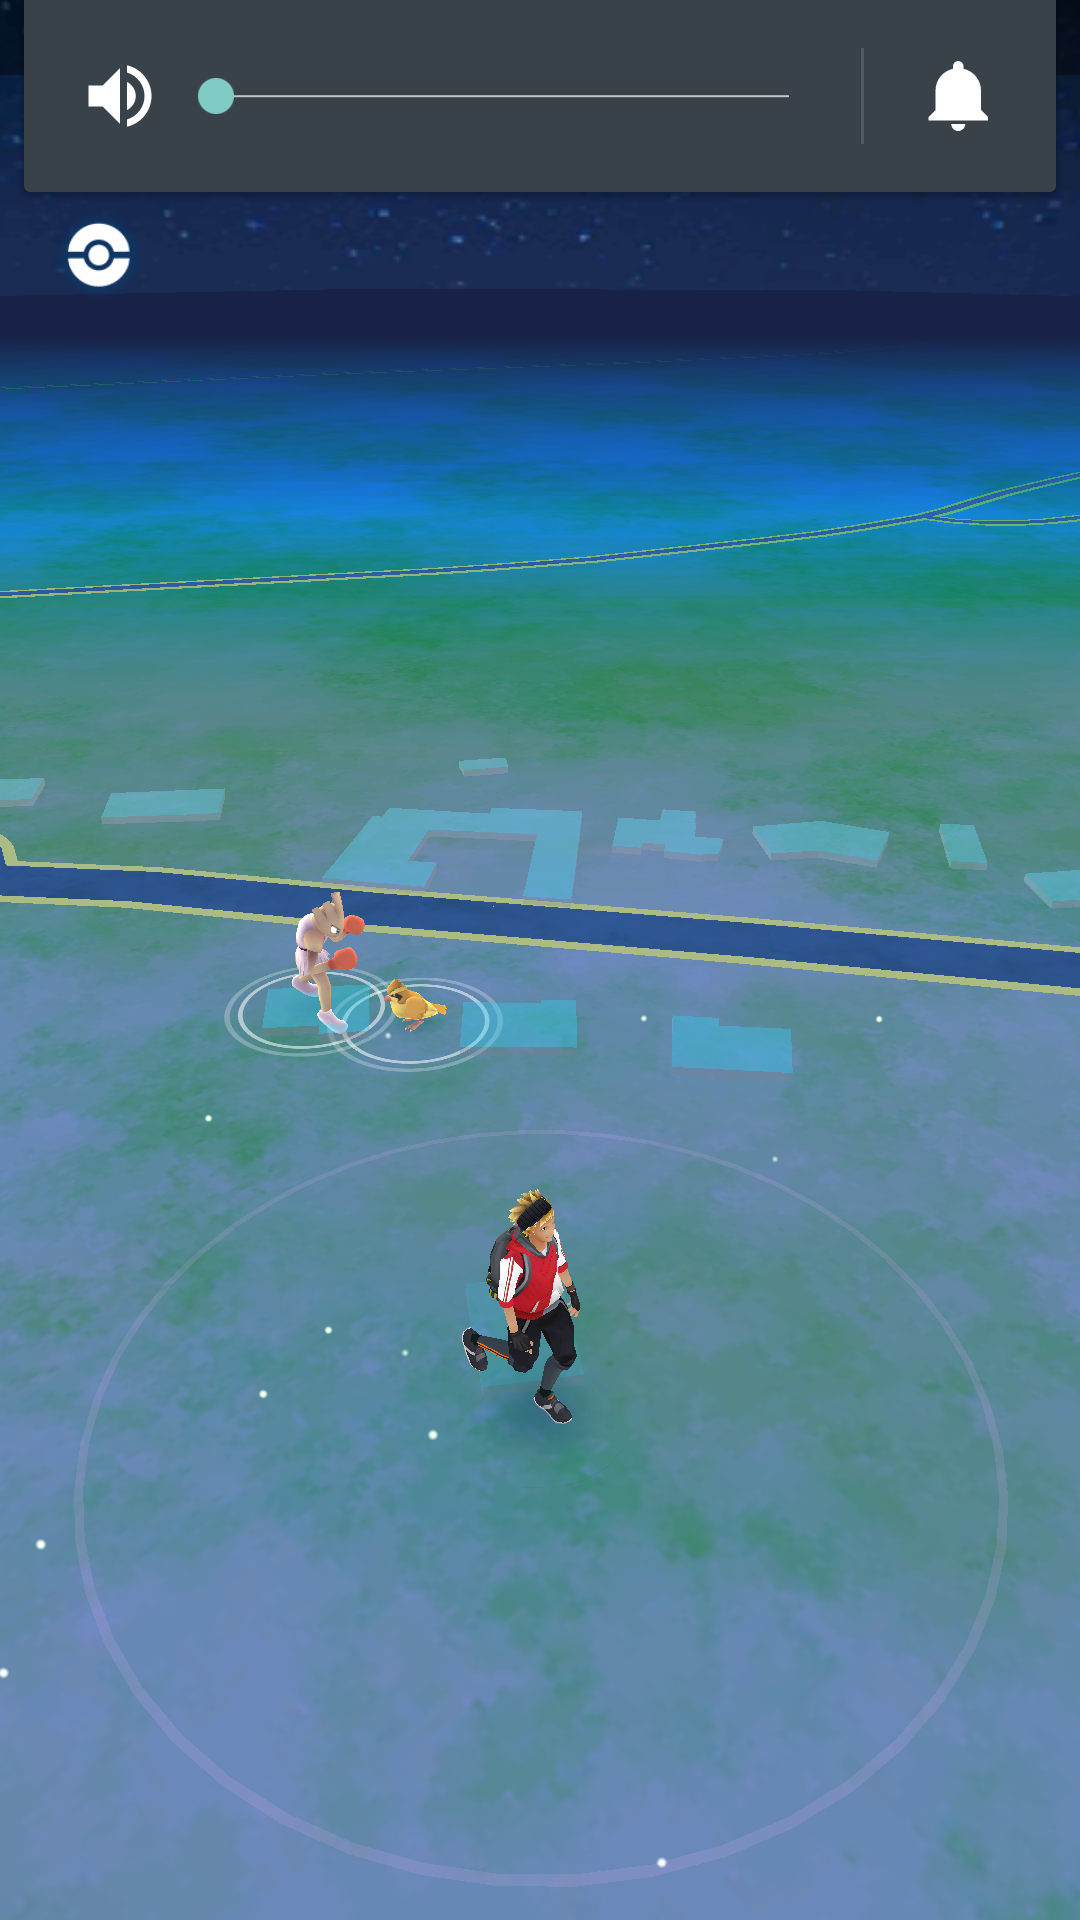 Le pok mon le plus rare que vous ayez vu en campagne sur - Les pokemon rare ...